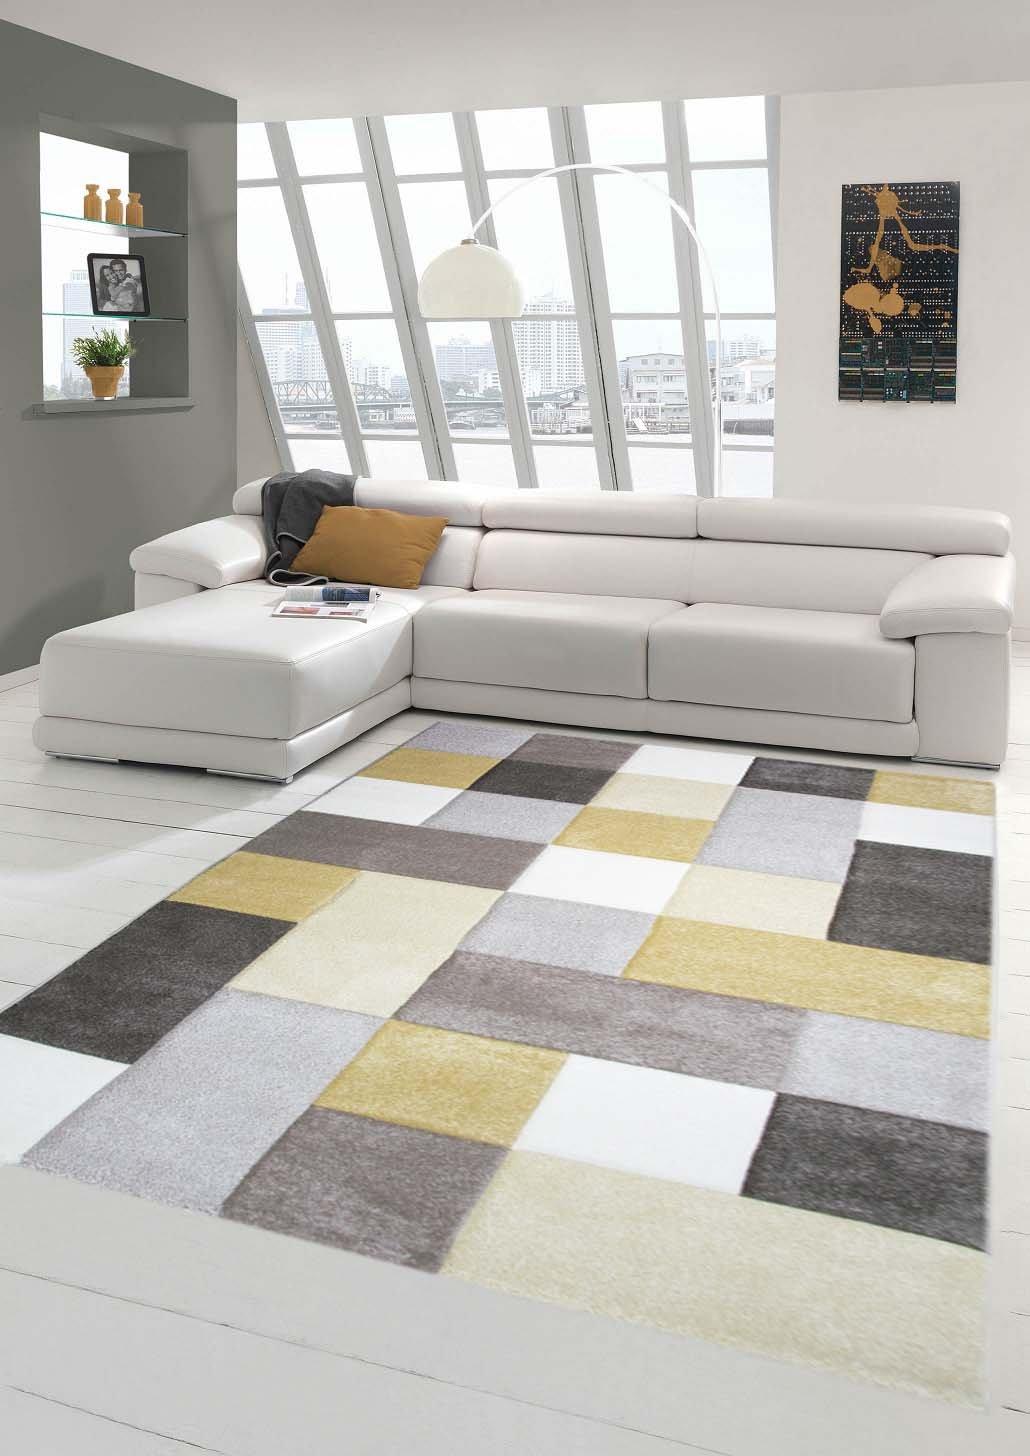 Traum Designer und Moderner Teppich Pastellfarben in Karomuster Gelb Creme Beige Größe 160x230 cm